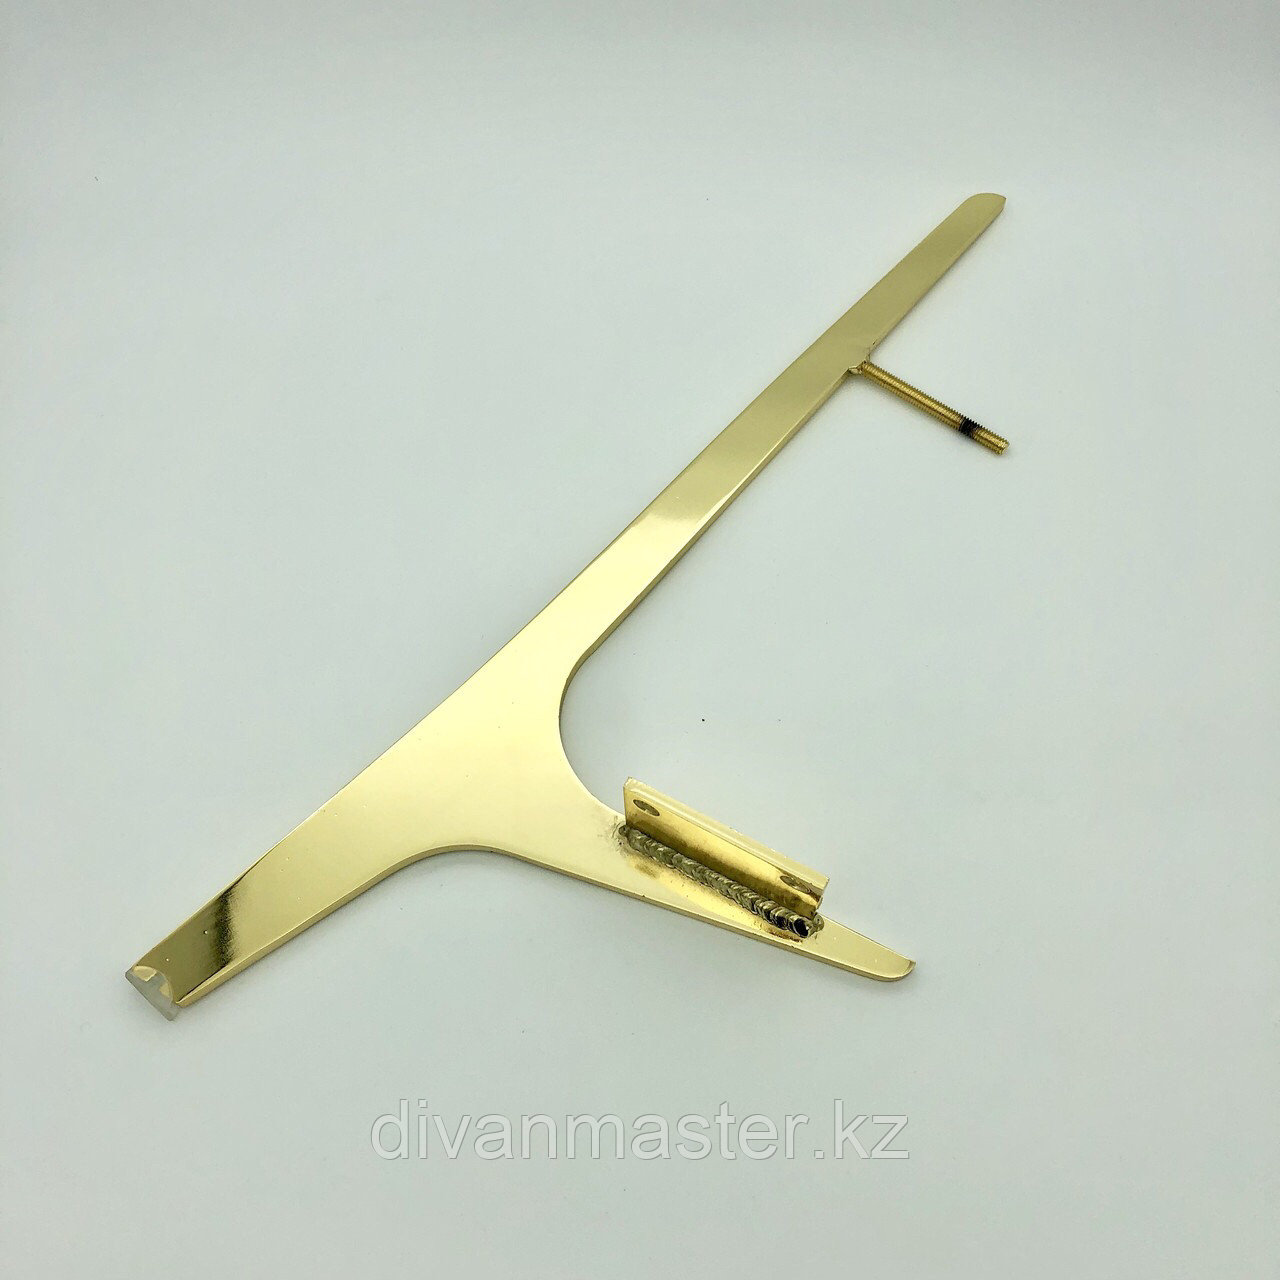 Ножка стальная, для диванов и кресел,золото 50 см